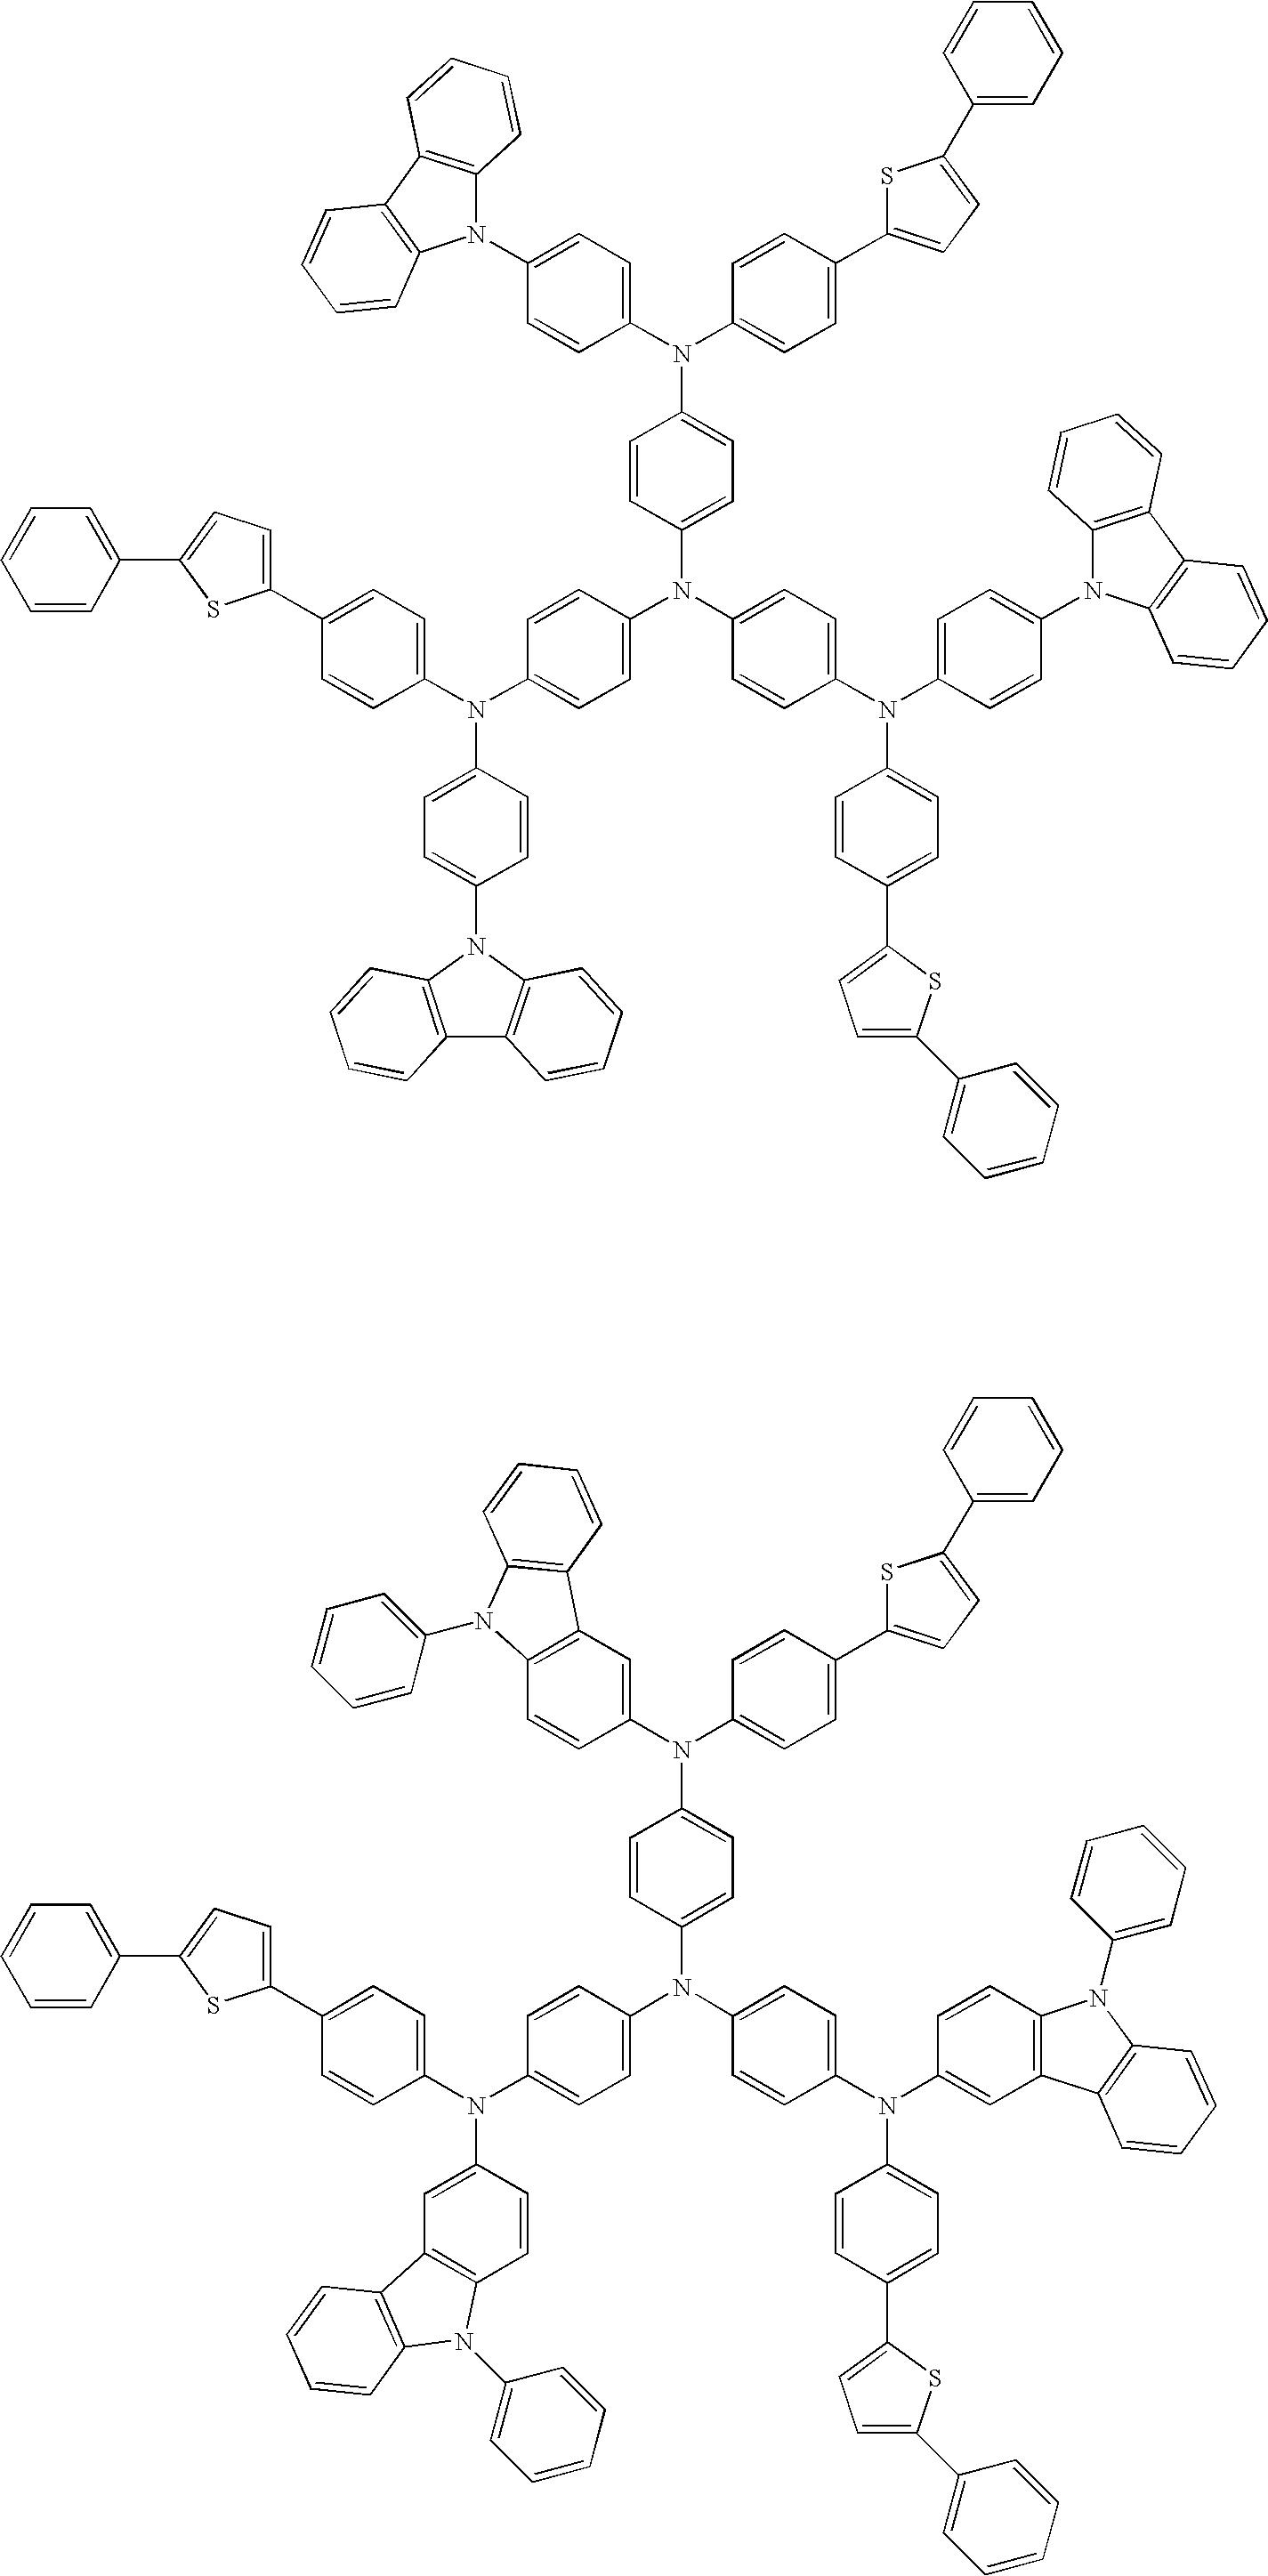 Figure US20090066235A1-20090312-C00061